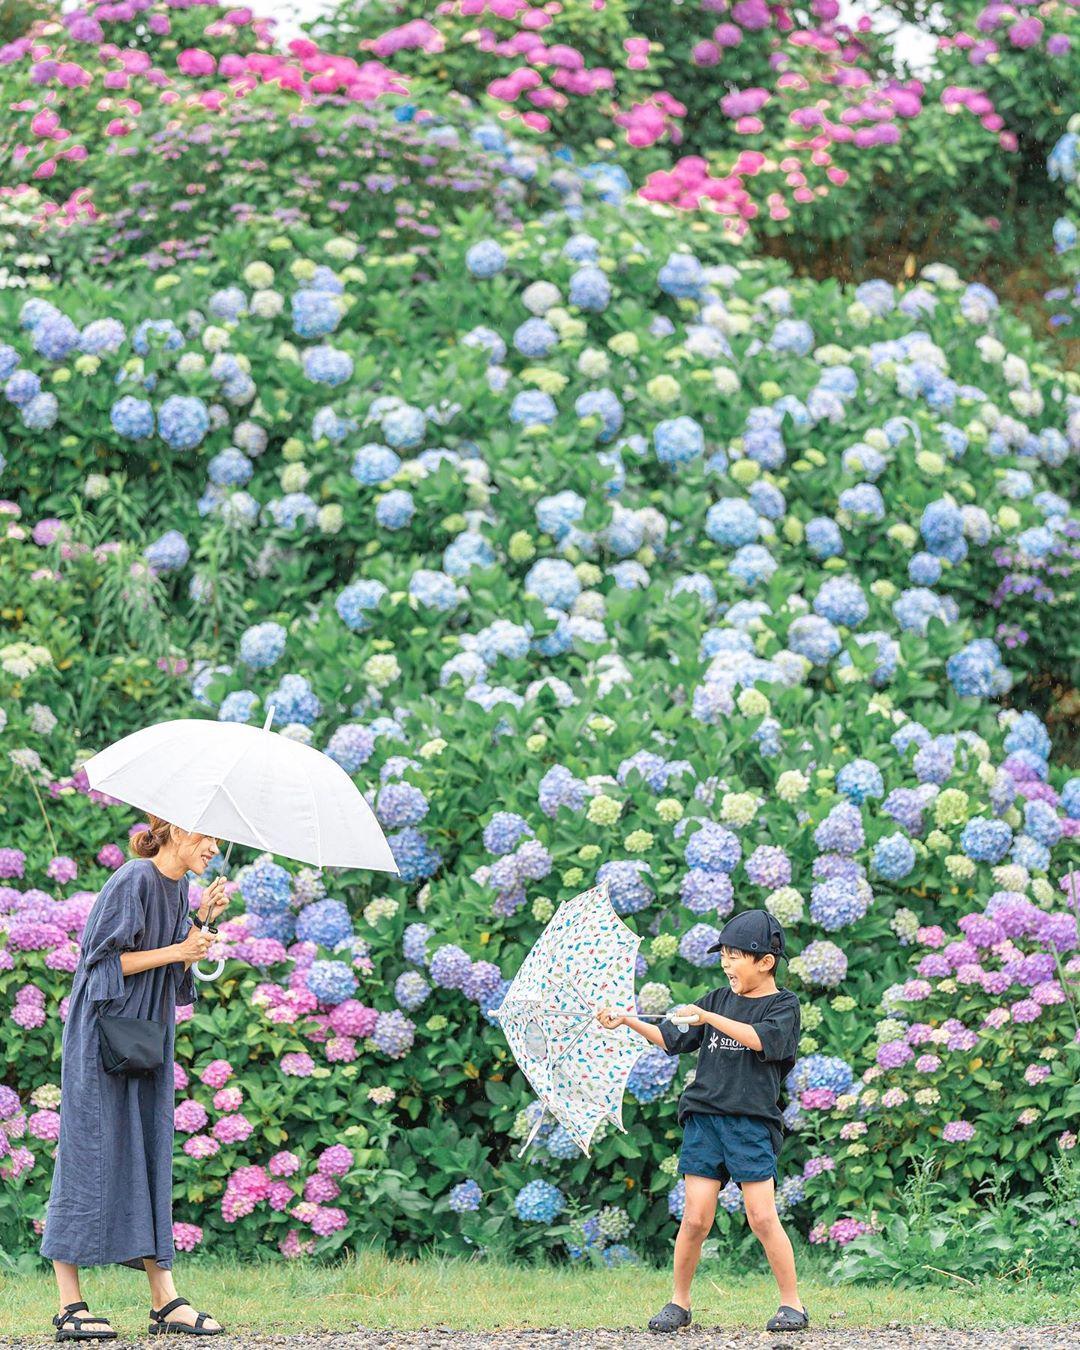 """Có một nước Nhật đẹp đến nao lòng qua ống kính của ông bố trẻ """"mê"""" chụp ảnh vợ và con trai, ai xem xong cũng """"tan chảy"""" - Ảnh 27."""